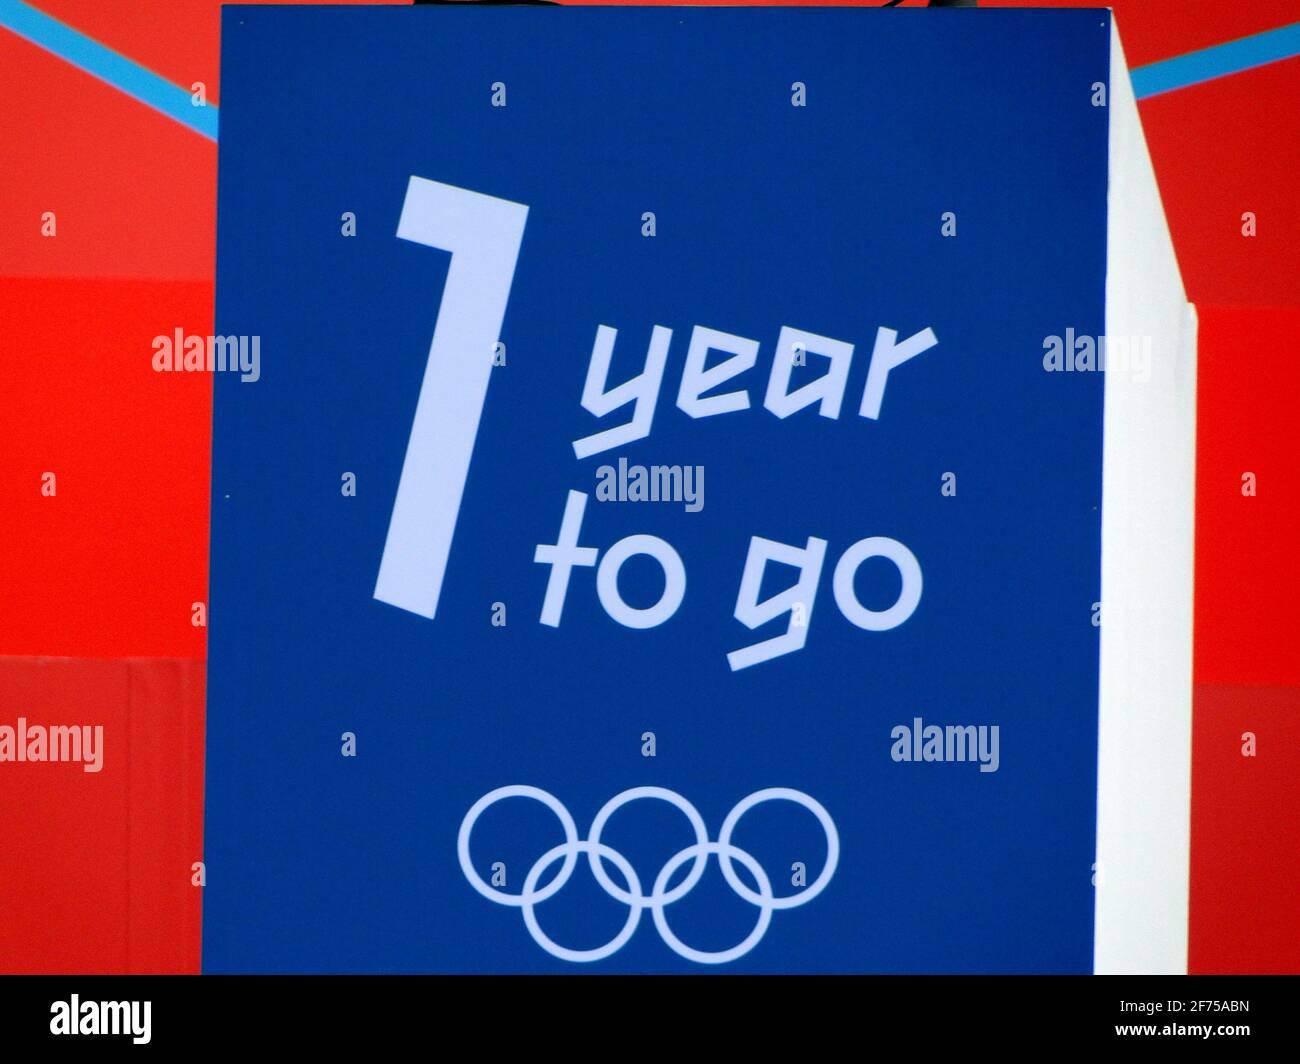 ¡una lágrima para ir! - Concierto en Trafalgar Square 1 año antes de los Juegos Olímpicos 2012, Londres, Reino Unido Foto de stock